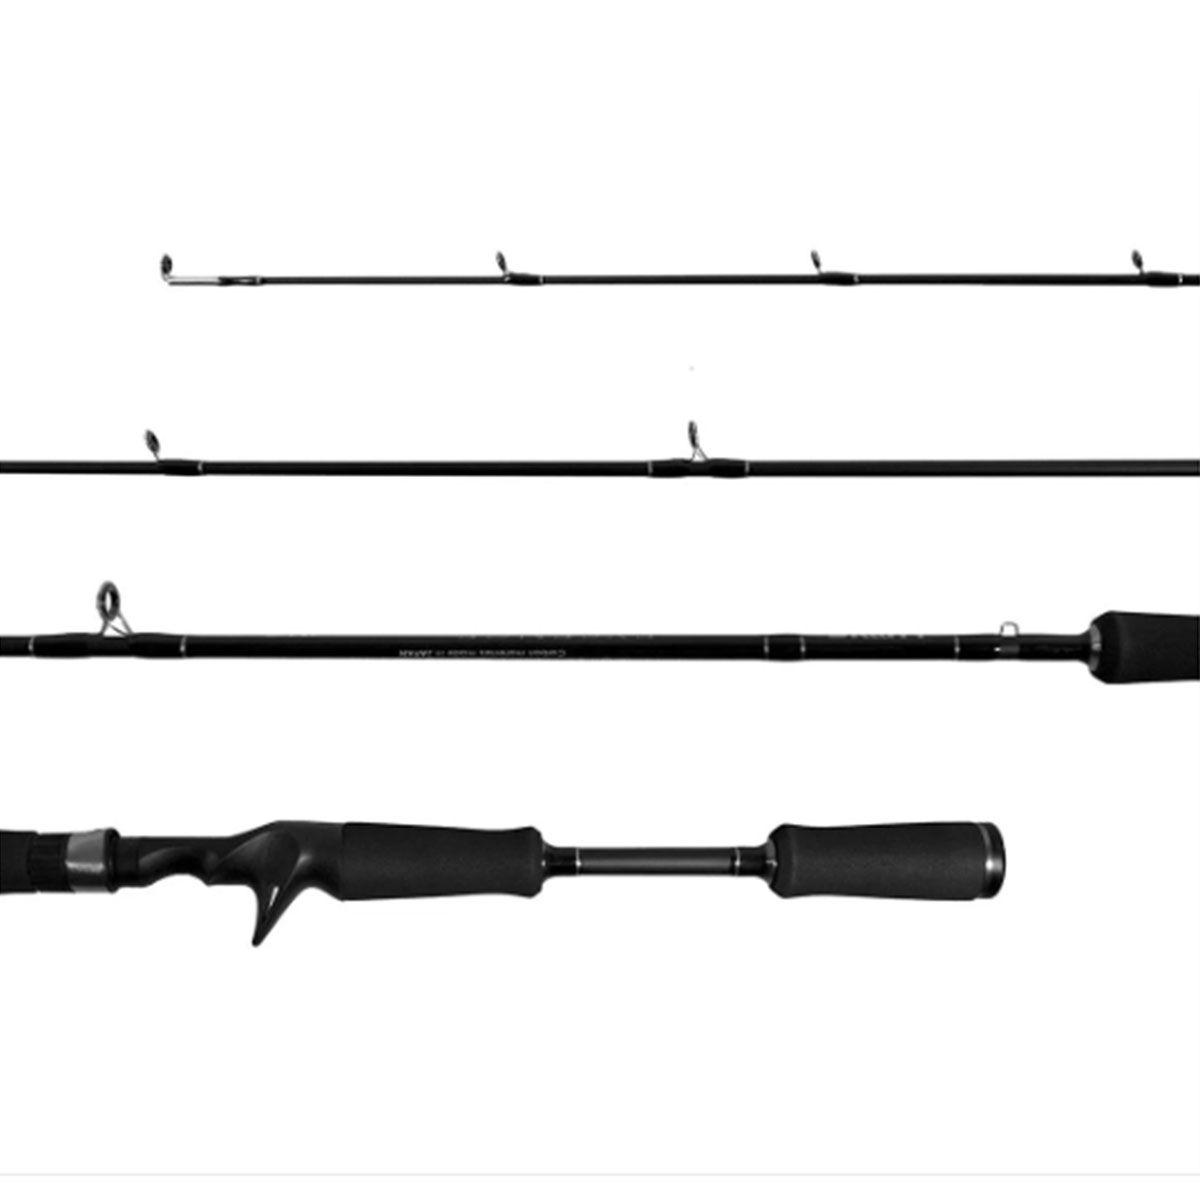 Vara Lumis Exsence p/ Carretilha 1,68 m 20 lbs (2 partes)  - Pró Pesca Shop